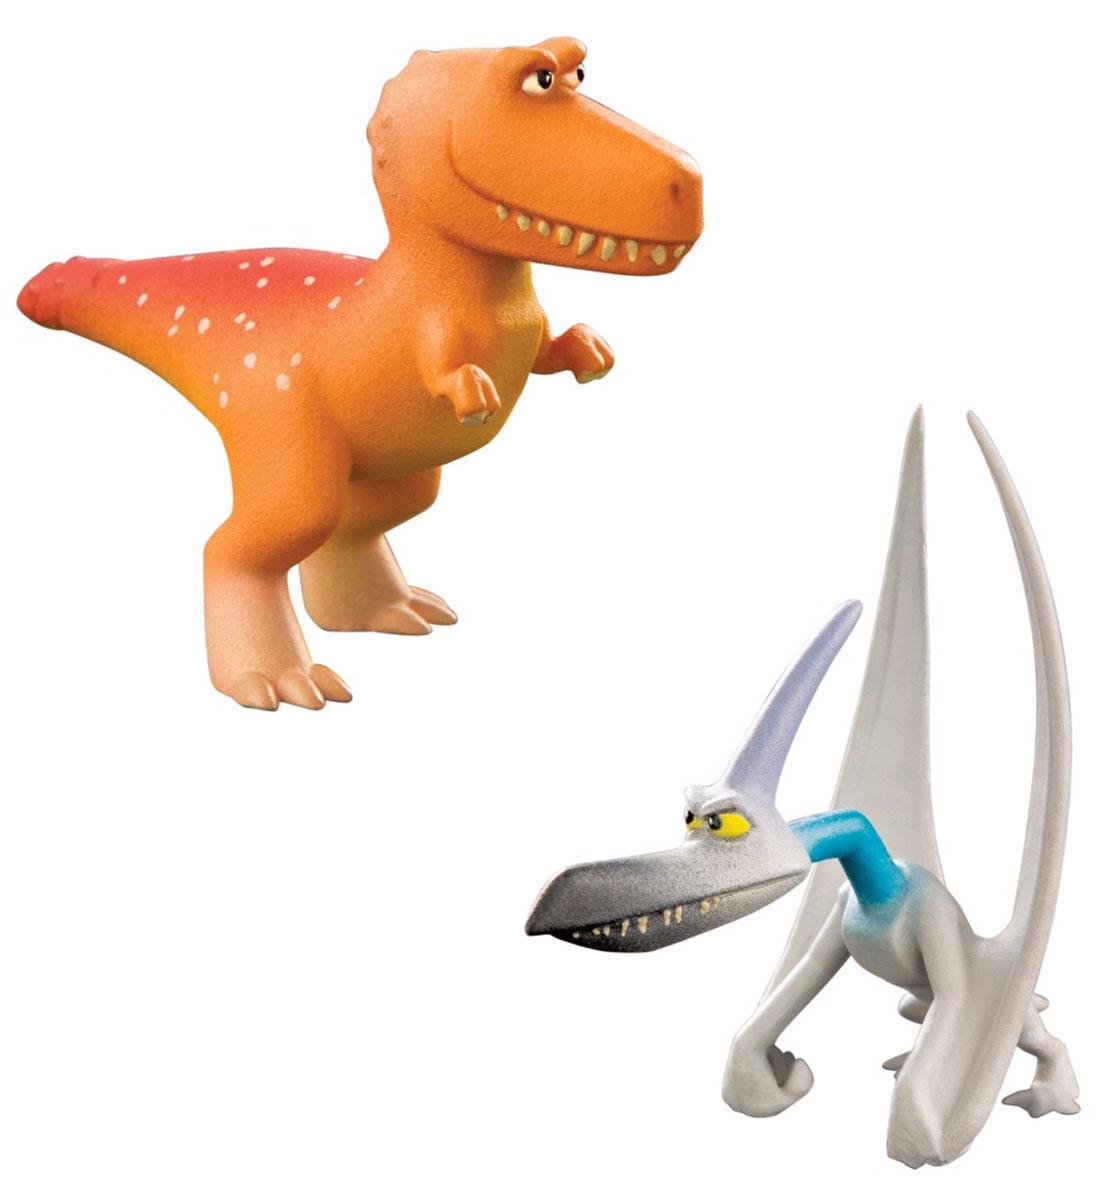 Хороший динозавр Набор фигурок Рамзи и Громоклюв